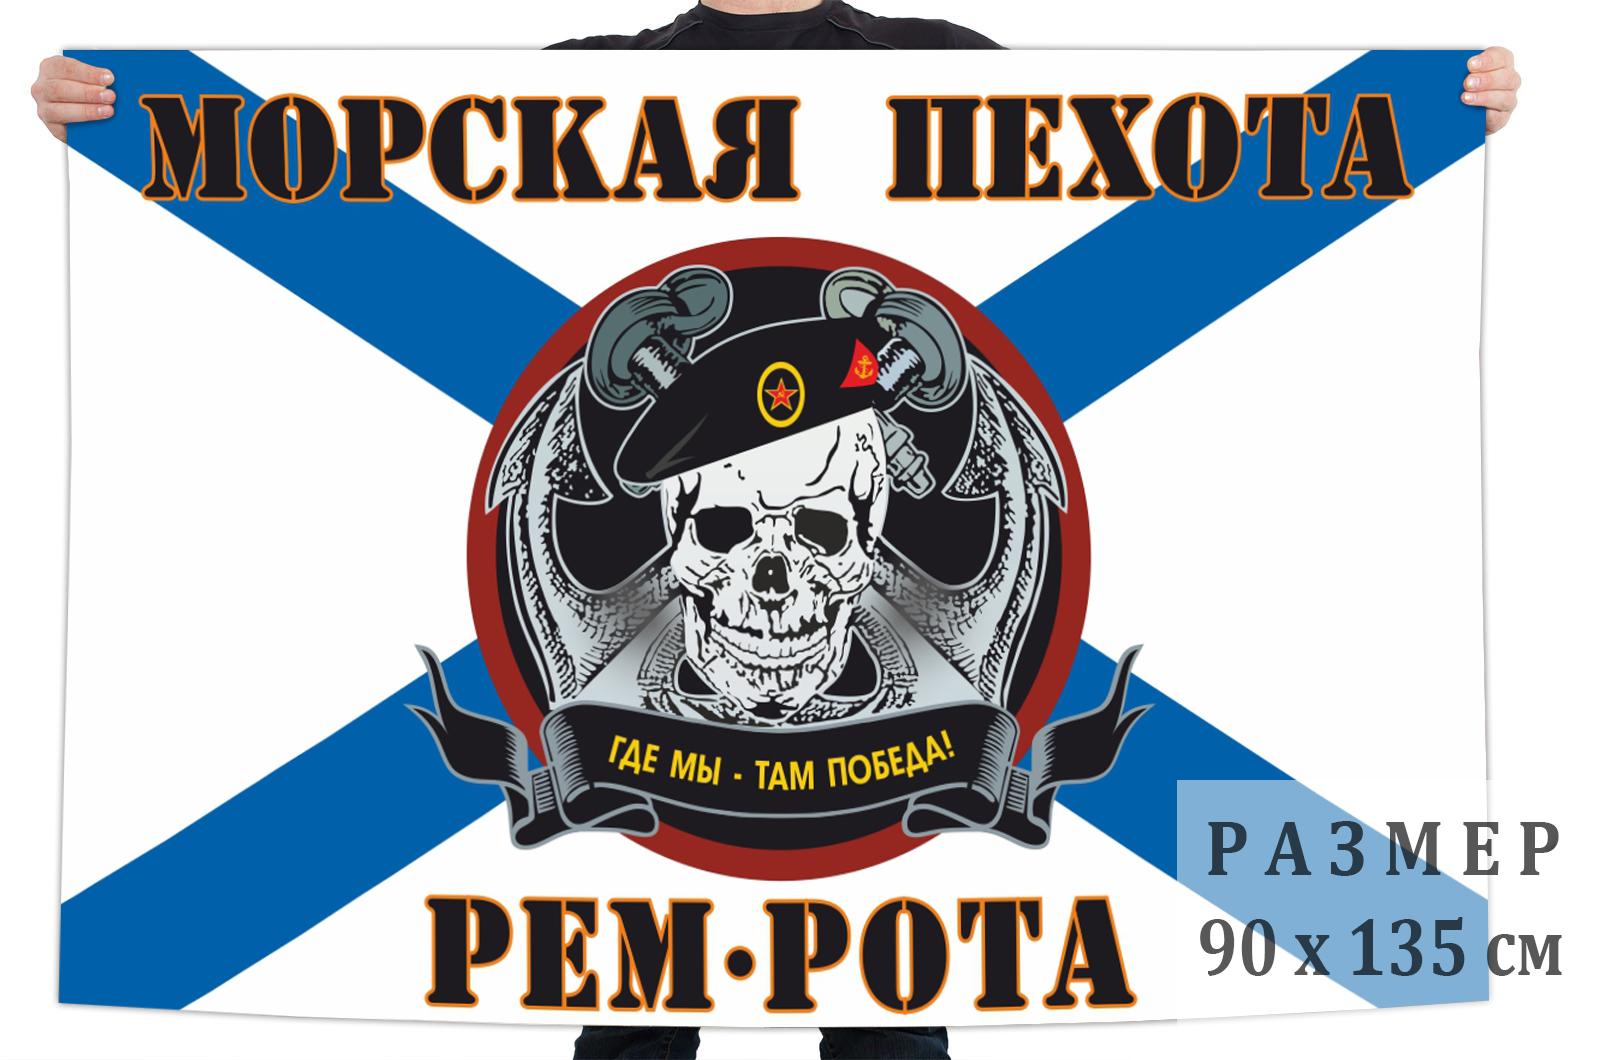 """Флаг ремонтной роты Морской пехоты """"Там где мы, там победа"""""""